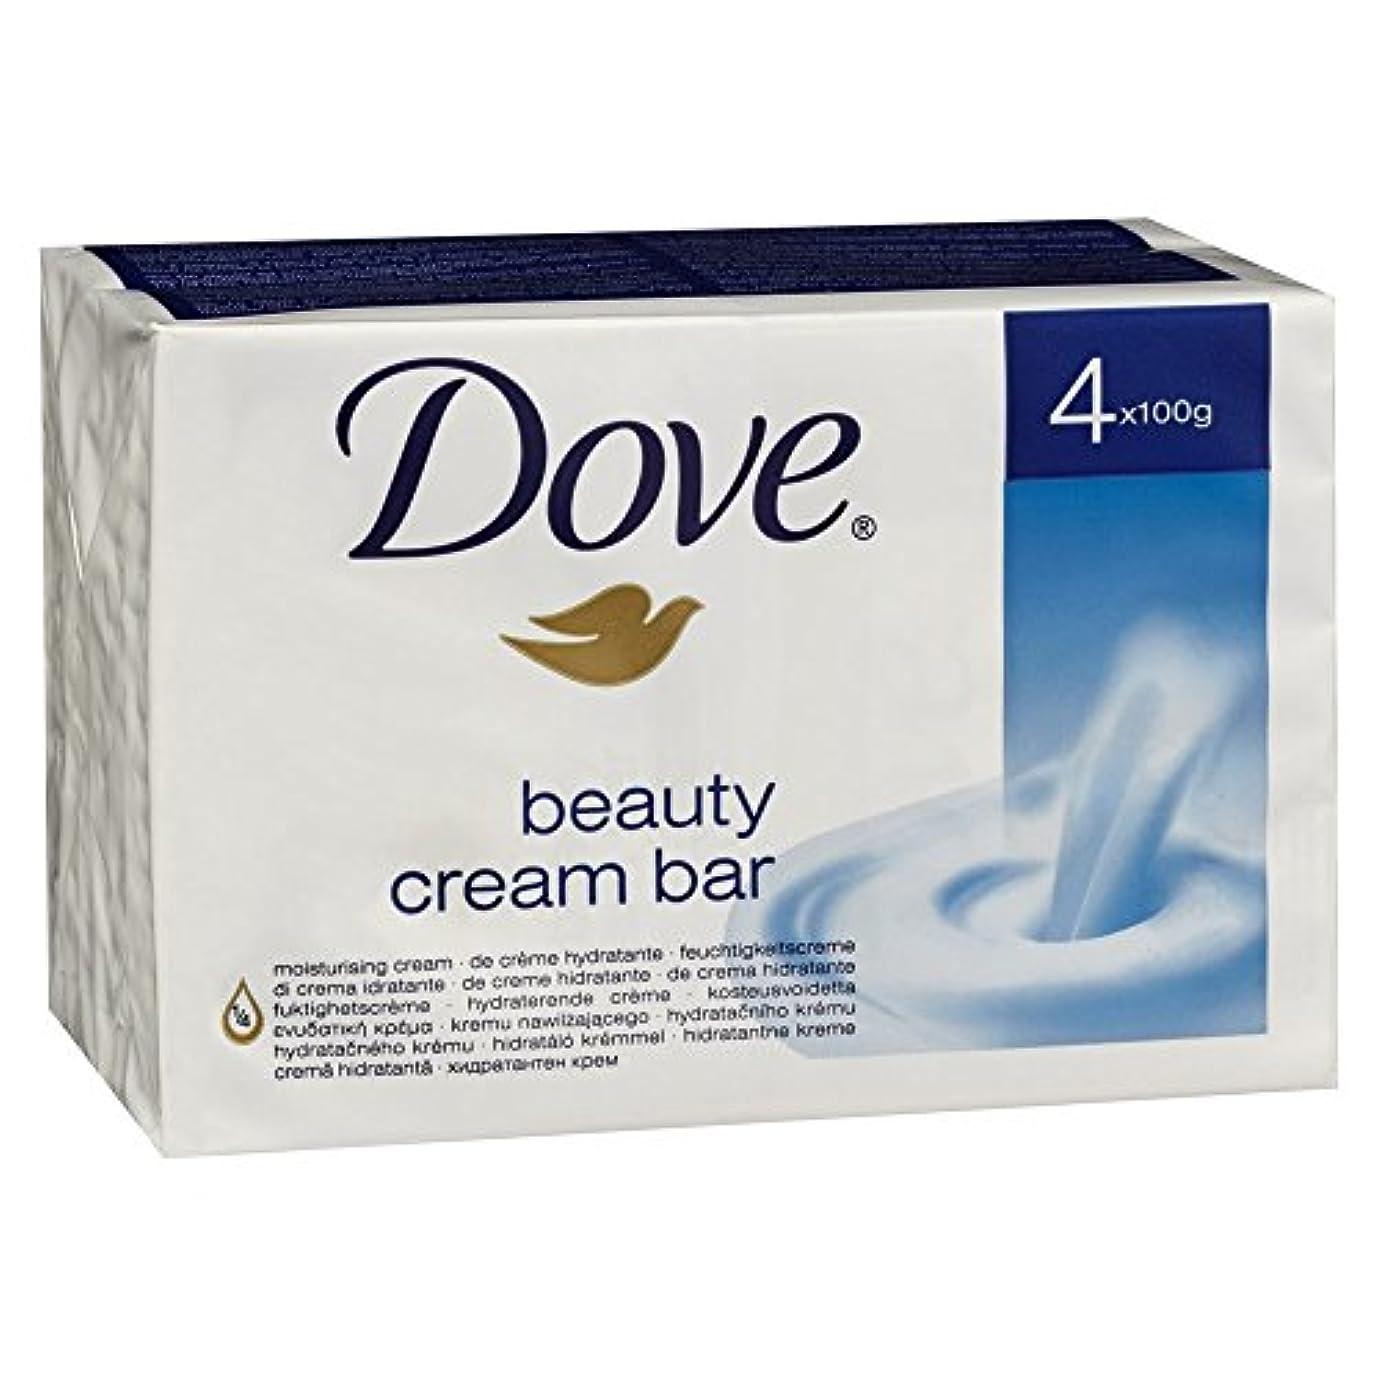 疑わしい助言する添加Dove どこ美容クリームバー石鹸4x100g